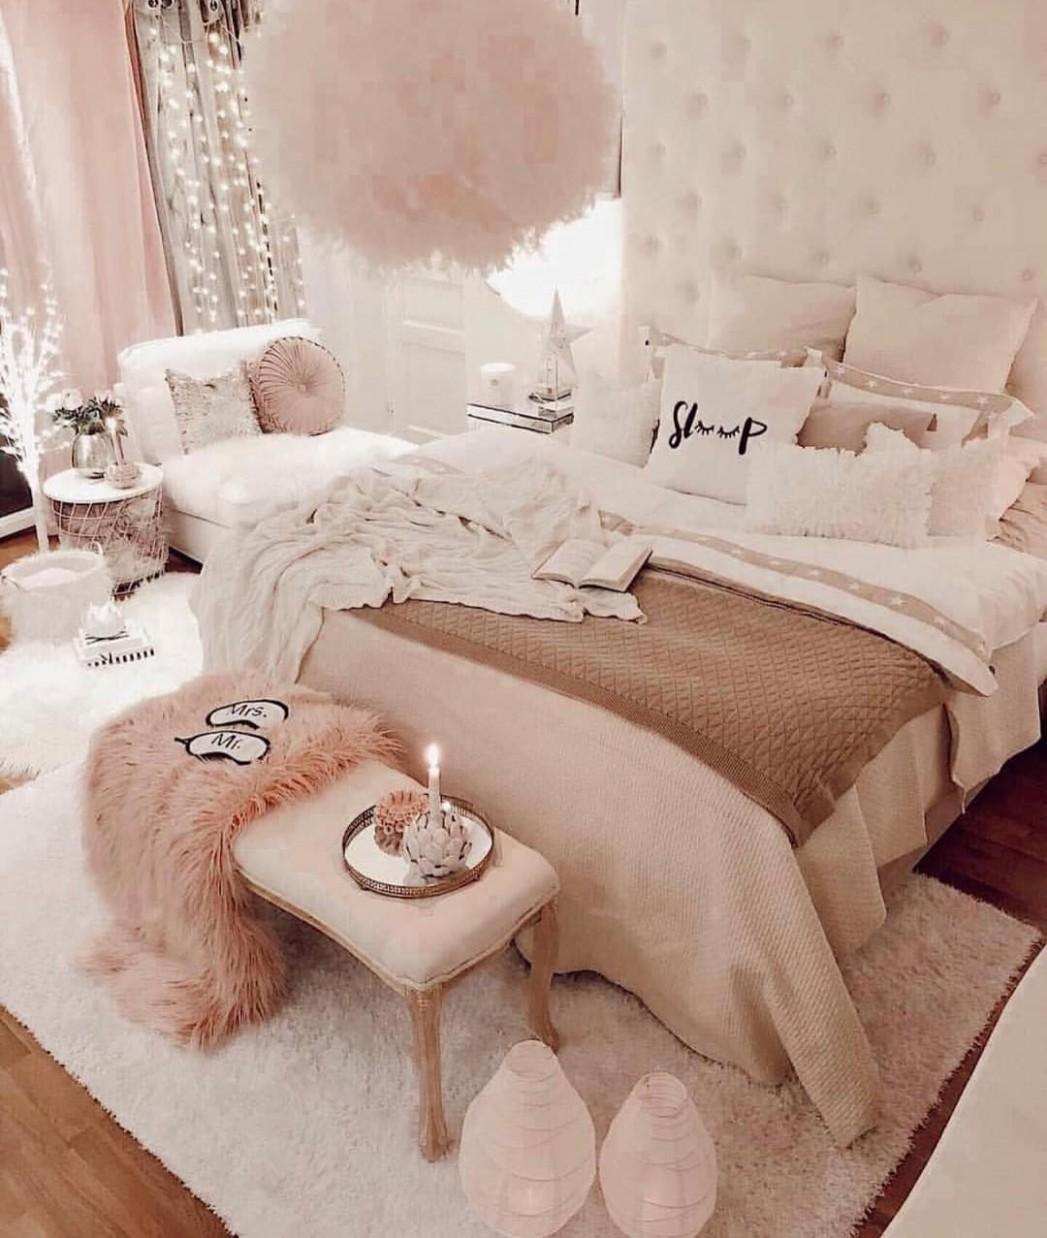 Bedroom Ideas Videos in 9  Home decor bedroom, Bedroom design  - Bedroom Ideas Videos